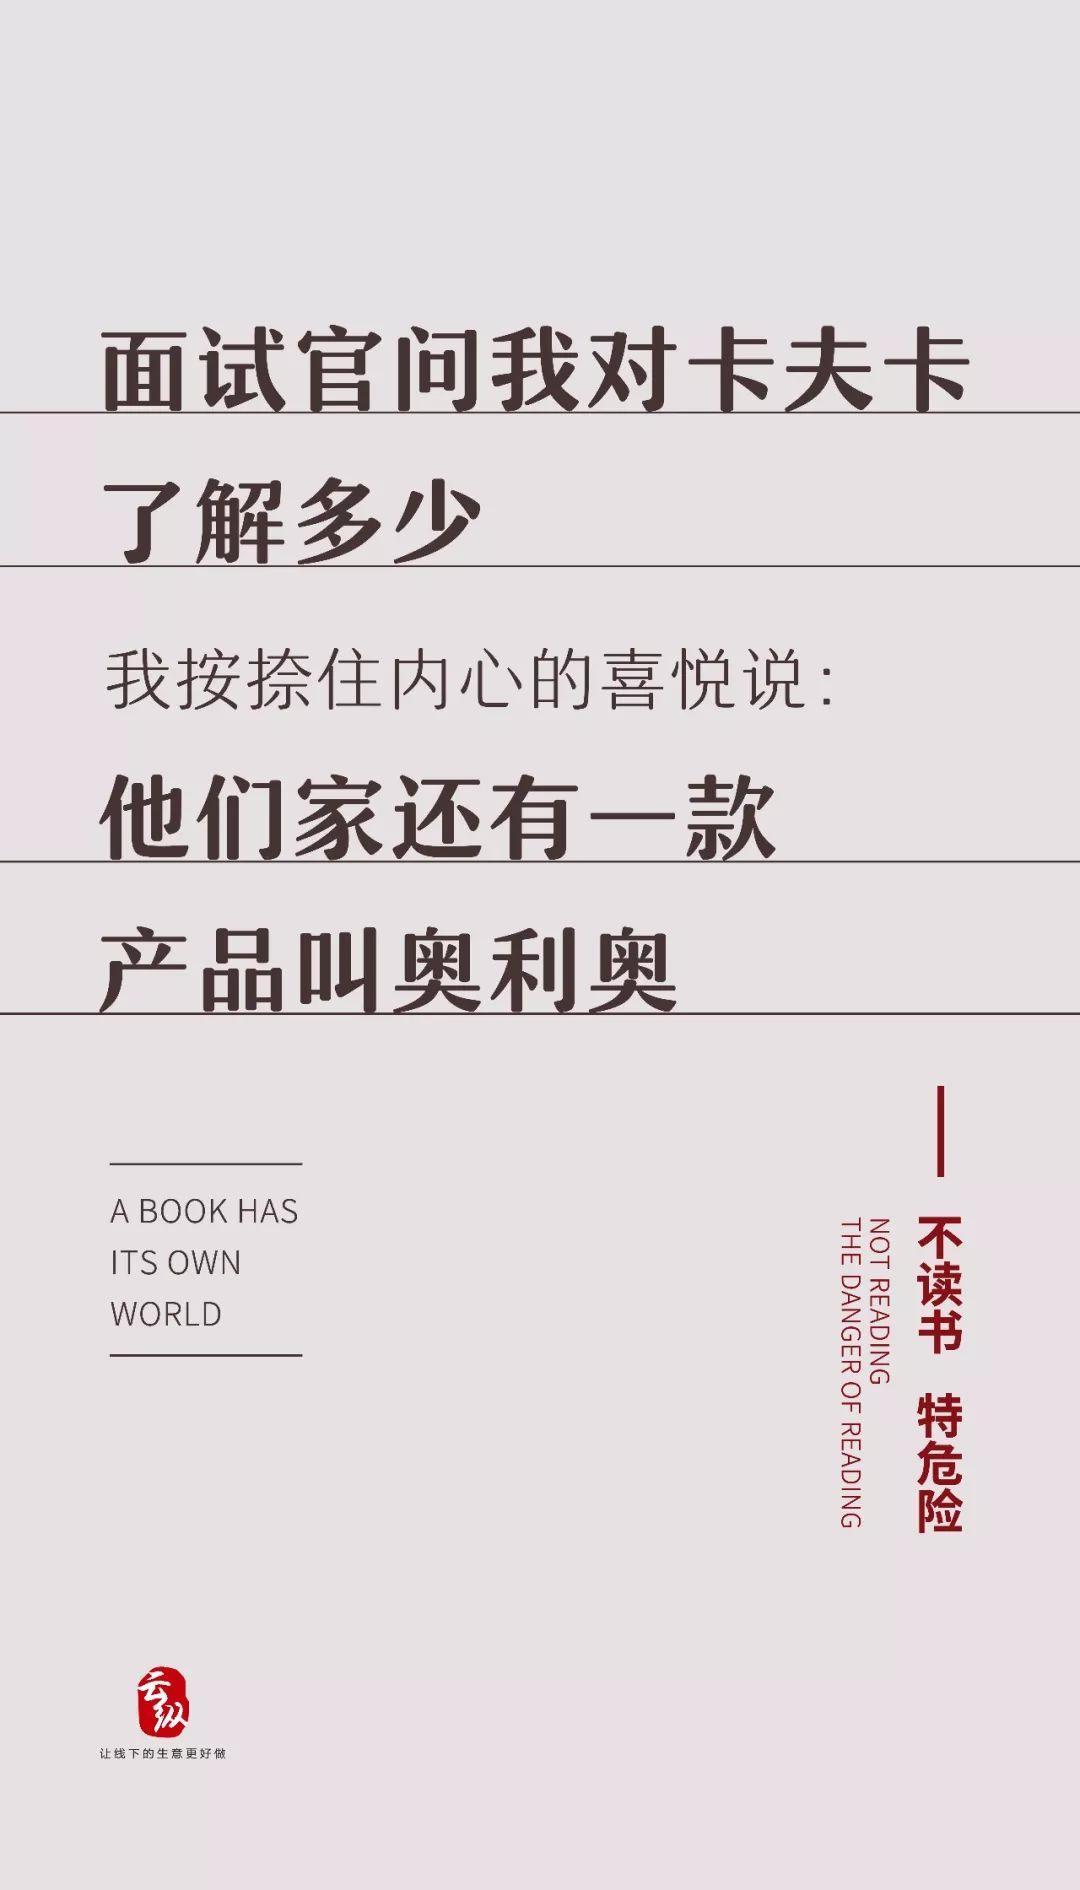 世界读书日文案海报欣赏:别给自己的懒惰找借口!插图3